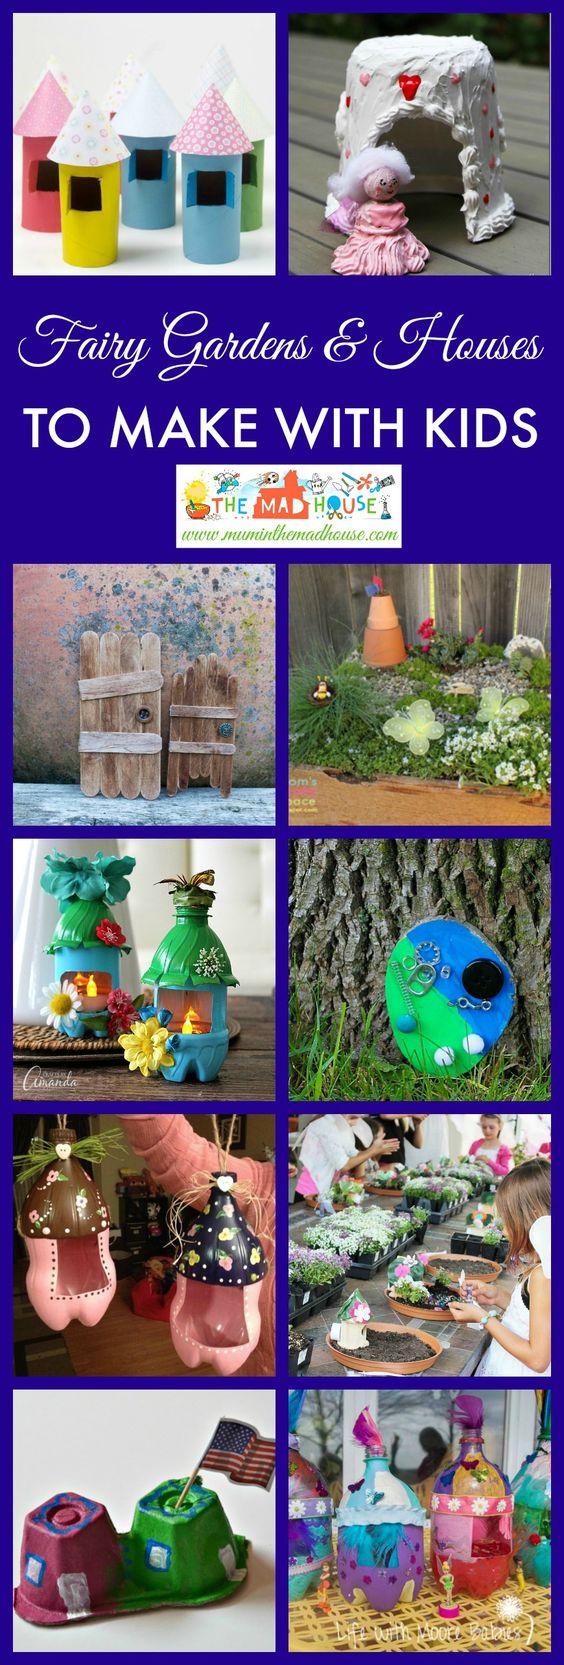 超过30个神话般的童话屋和花园。受到这些惊人的DIY工艺的启发,将仙女的魔力带入您的花园。